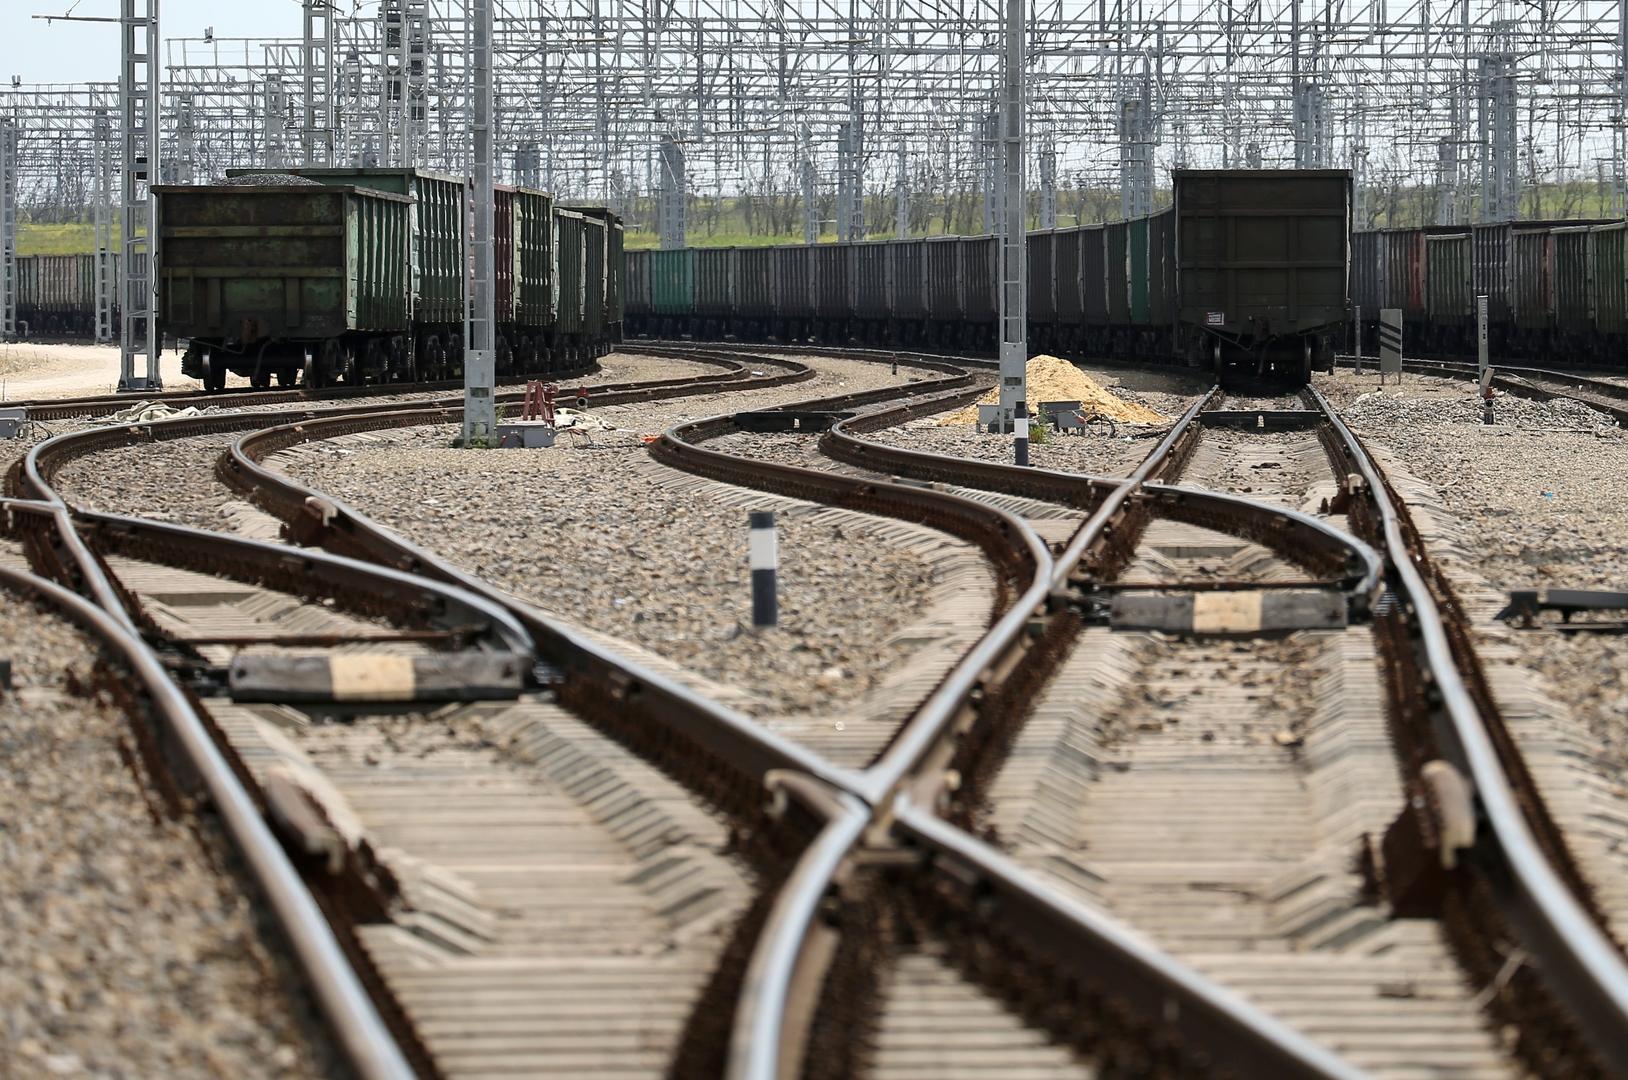 كوريا الجنوبية تقرض مصر 250 مليون دولار لتحديث سكك الحديد